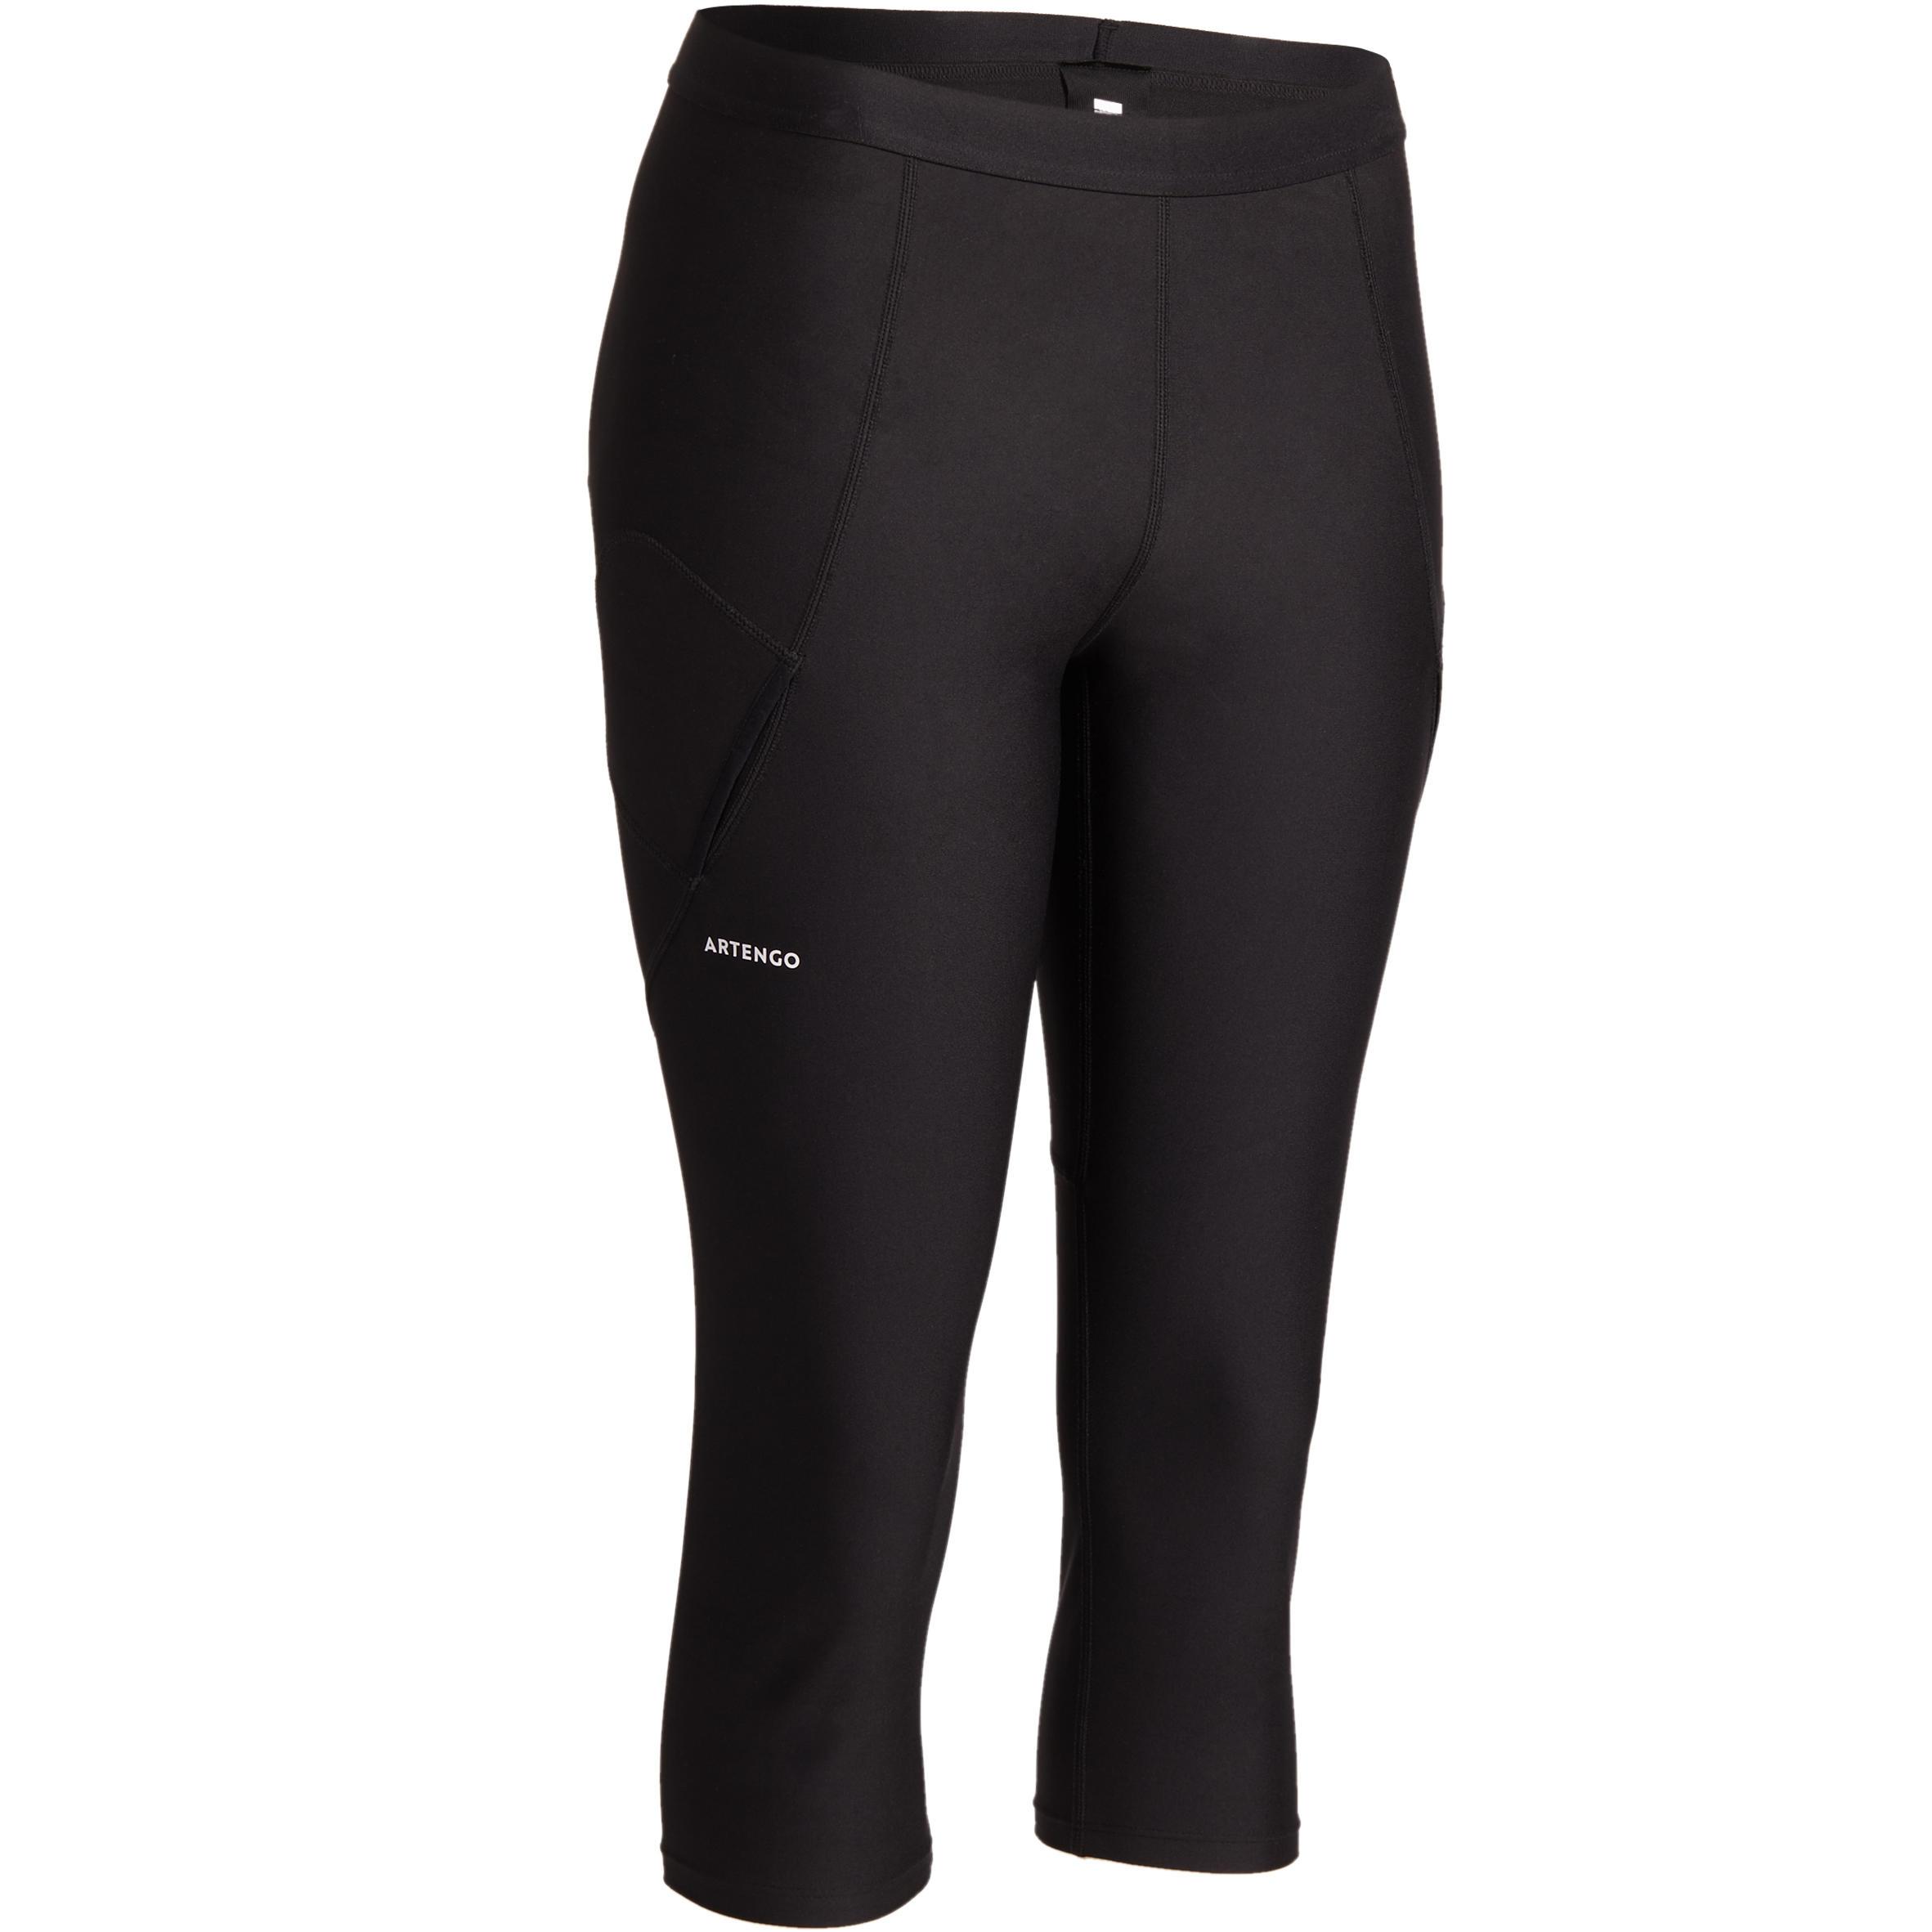 Tennishose 3/4-Leggings 900 Damen schwarz | Sportbekleidung > Sporthosen > Tennisshorts | Schwarz | Artengo